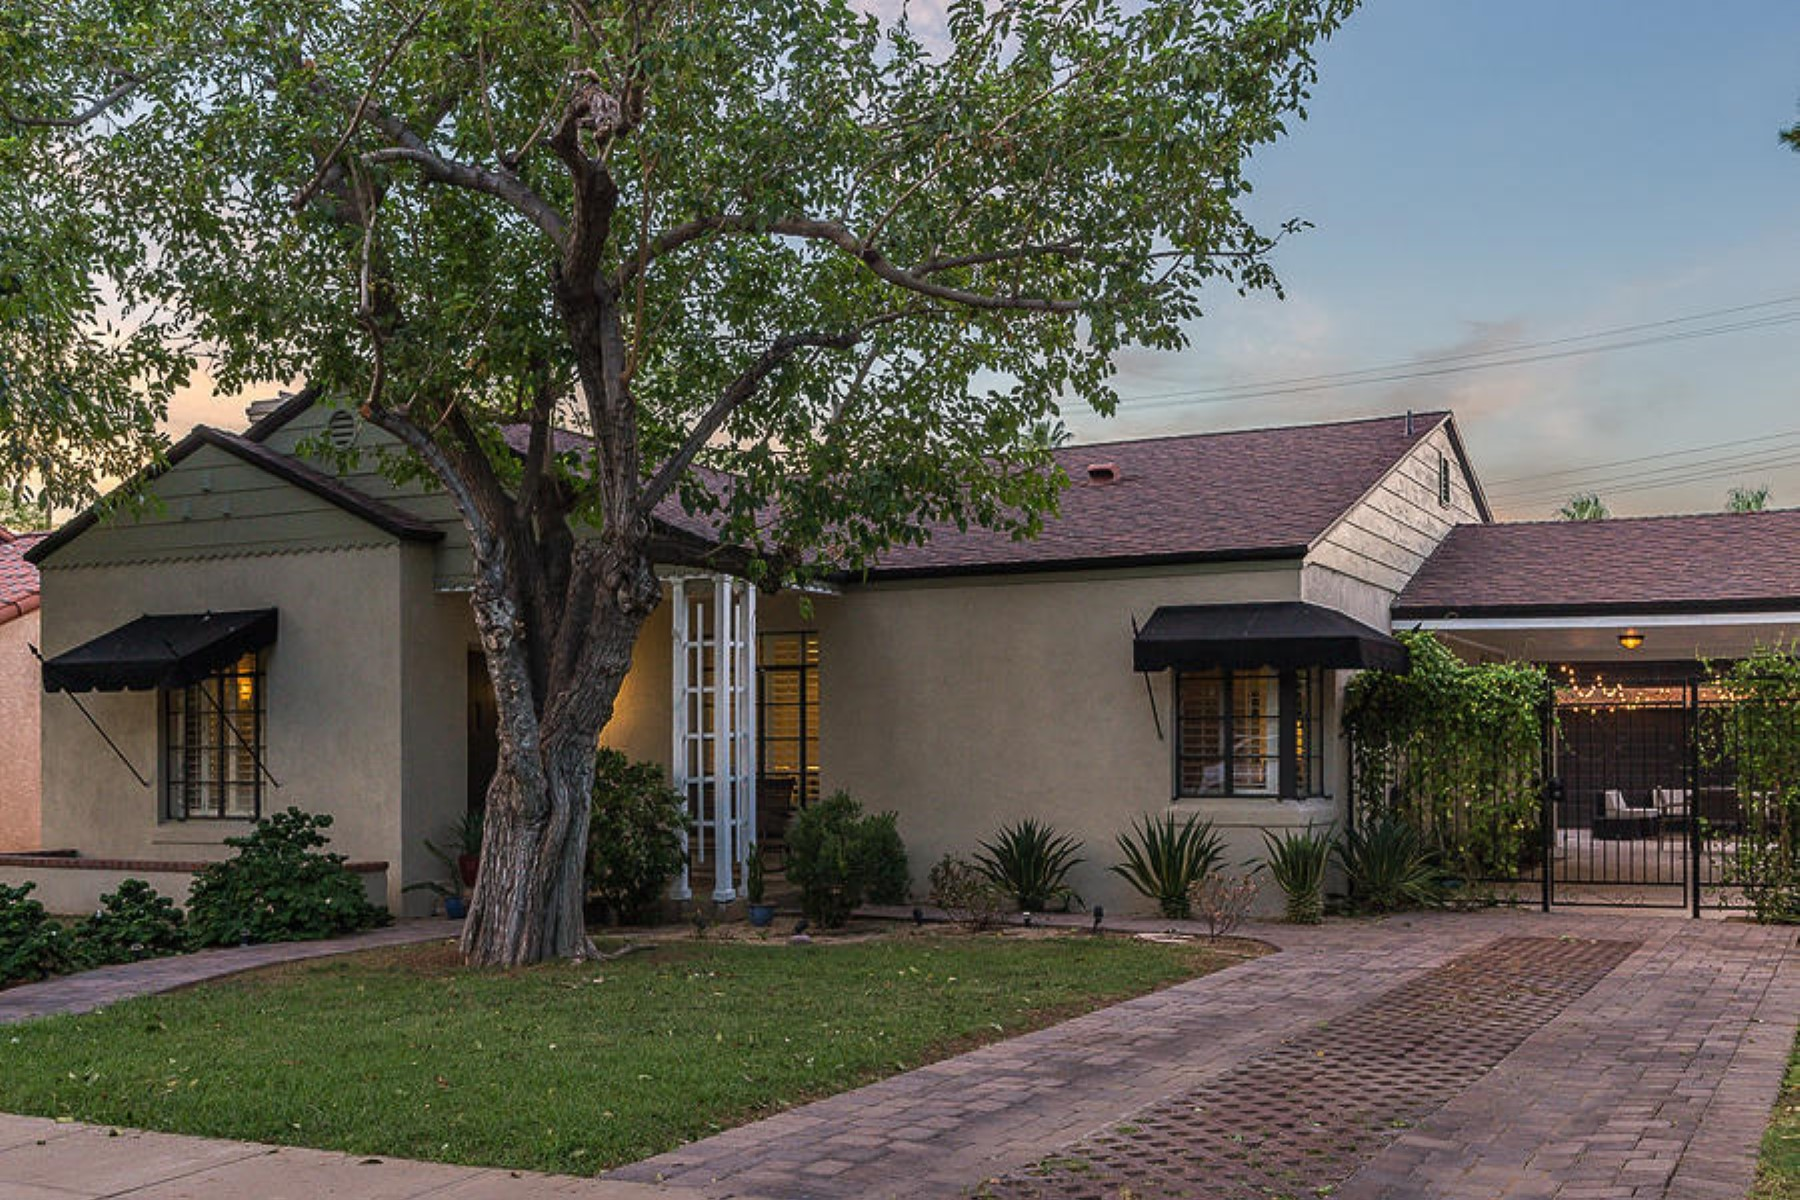 Частный односемейный дом для того Продажа на Beautiful and elegant 1940's Monterey Ranch 518 W Palm Ln Phoenix, Аризона 85003 Соединенные Штаты